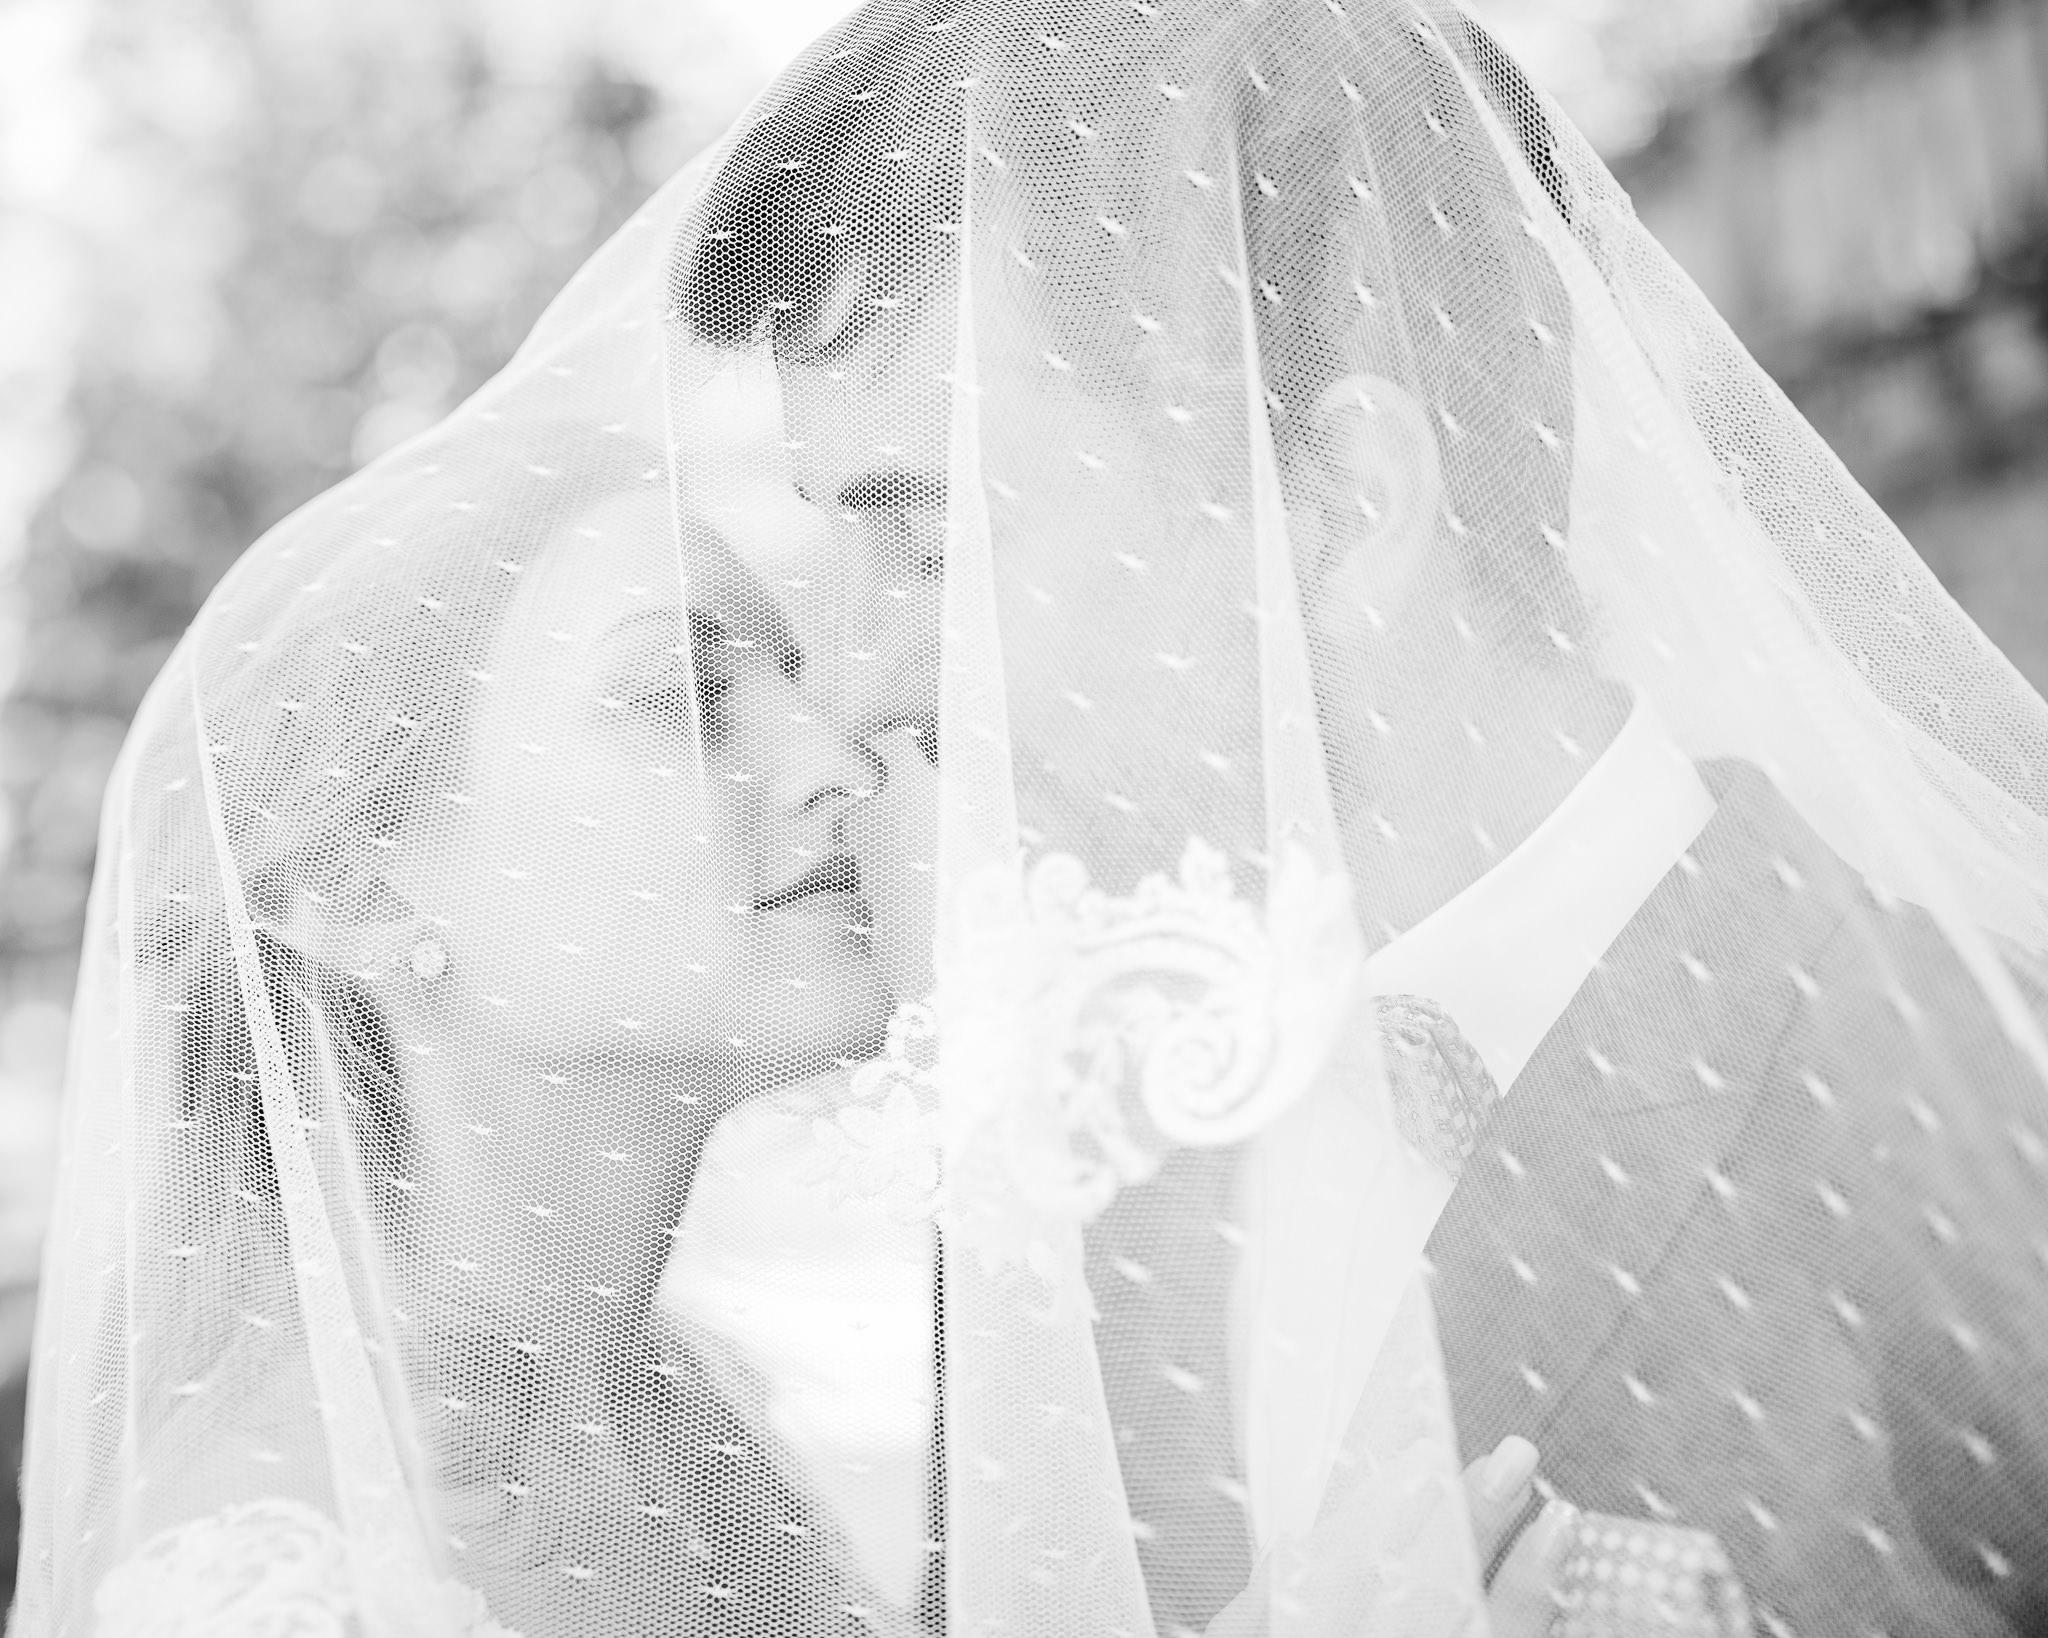 Das Brautpaar steht dicht beieinander und wird vom Schleier eingehüllt, Zärtlichkeit und Nähe, Schwarz-Weiß, After Wedding Shoot. Hochzeitsfotos und mehr, Ernst Merkhofer